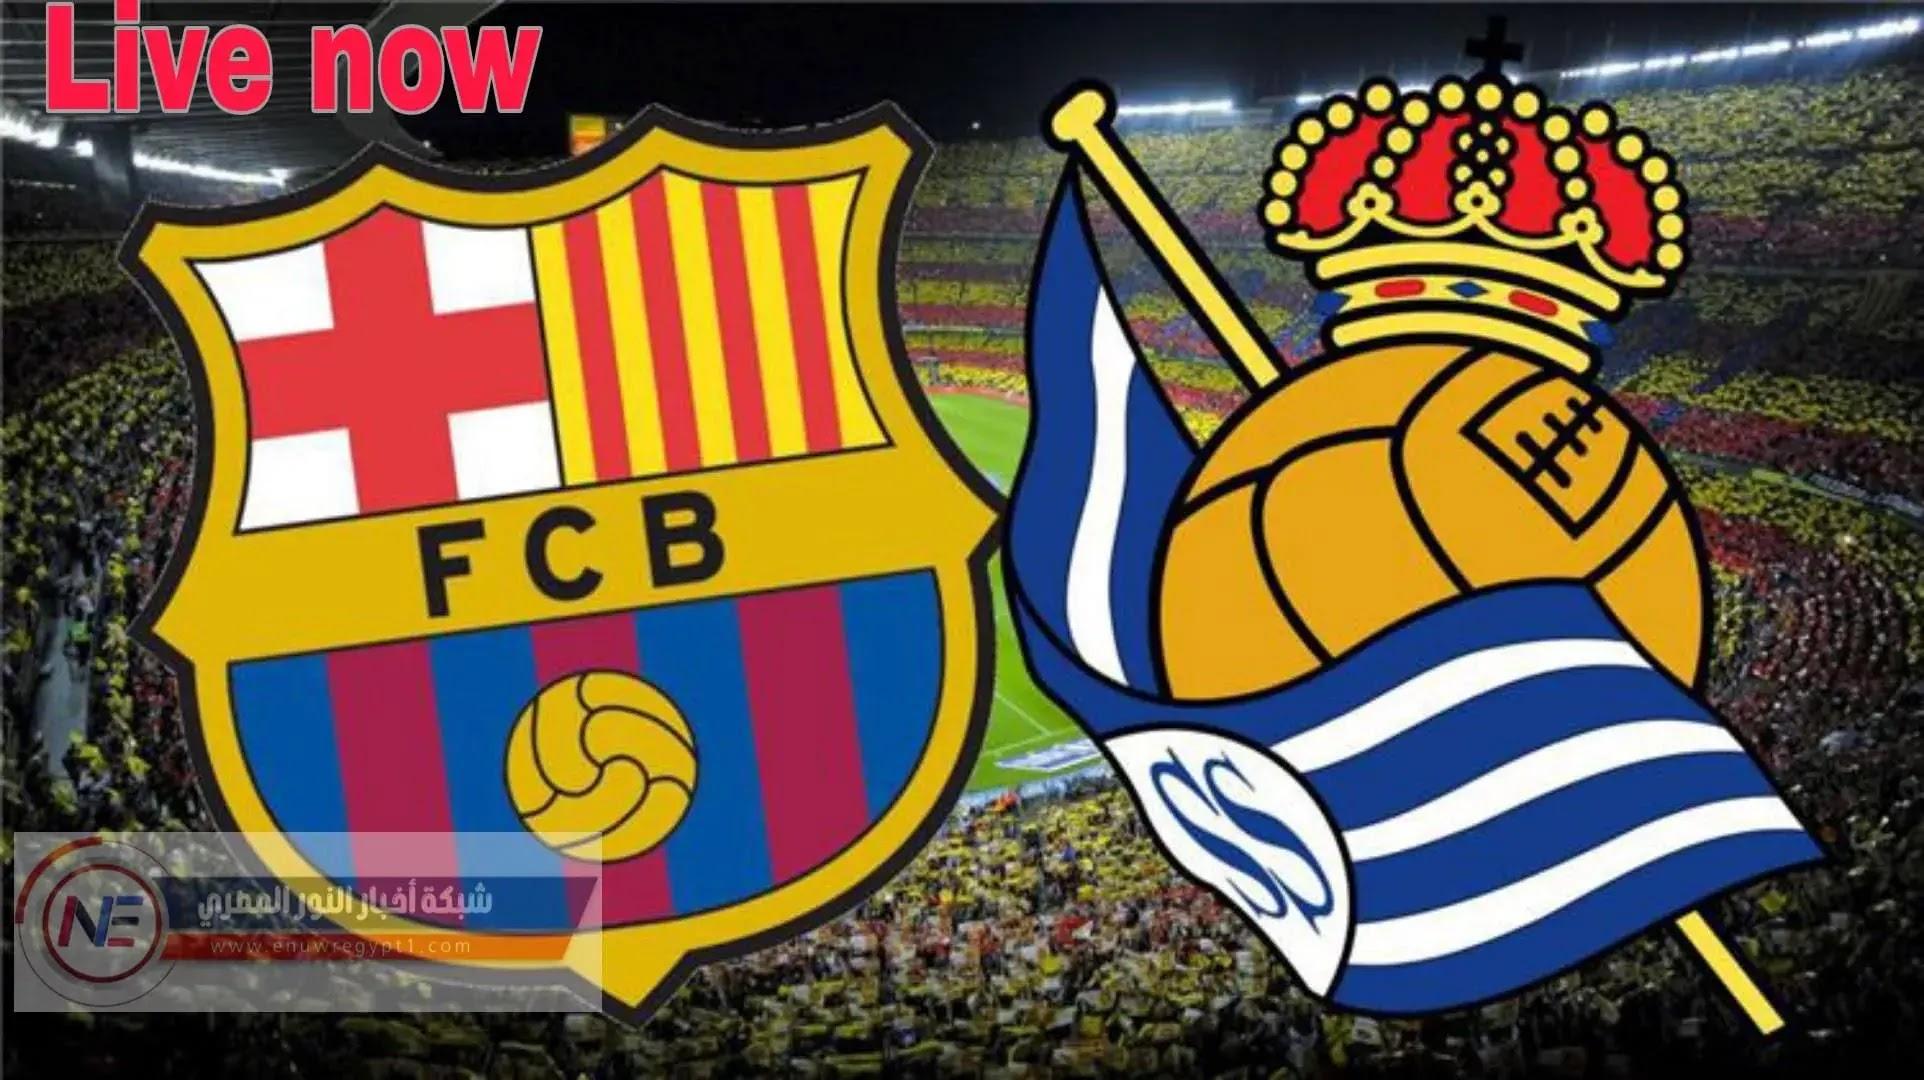 كورة لايف HD | مشاهدة مباراة برشلونة و ريال سوسيداد بث مباشر اليوم 21-03-2021 لايف بجودة عالية